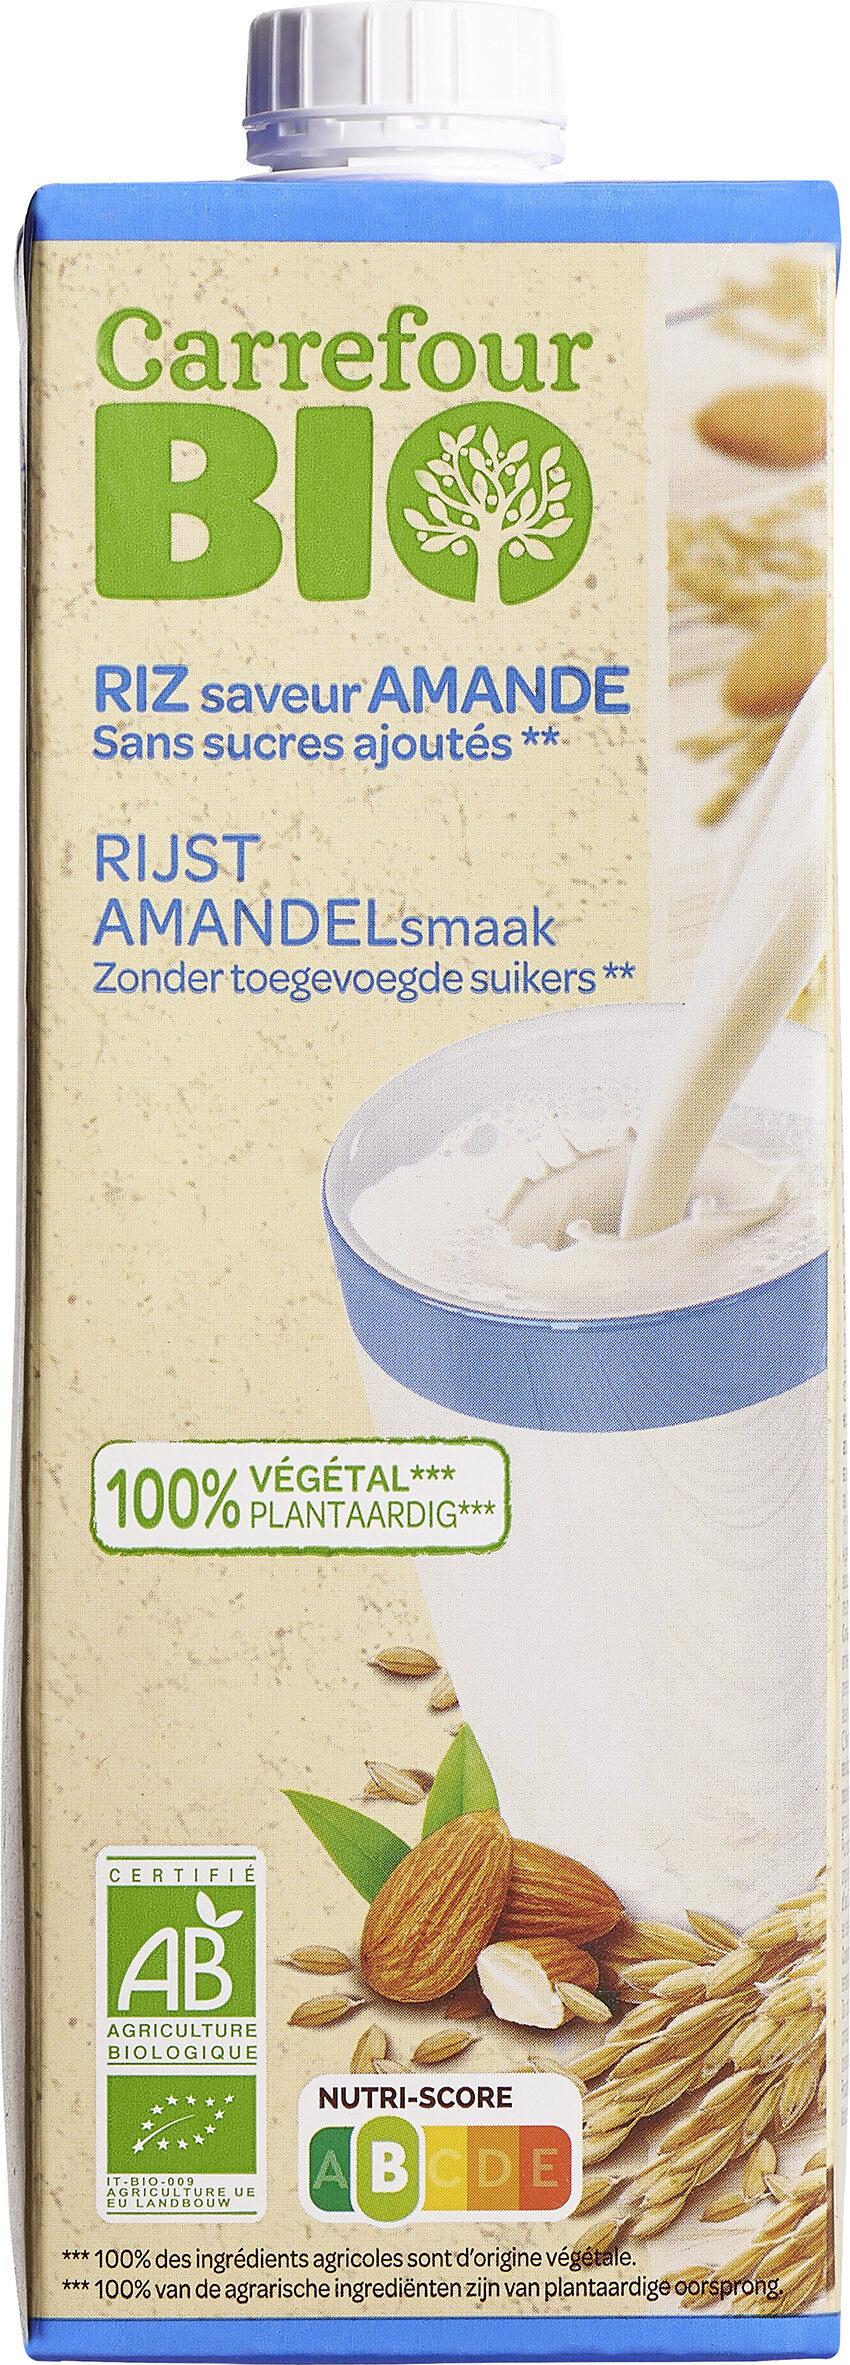 Riz saveur Amande - Produit - fr